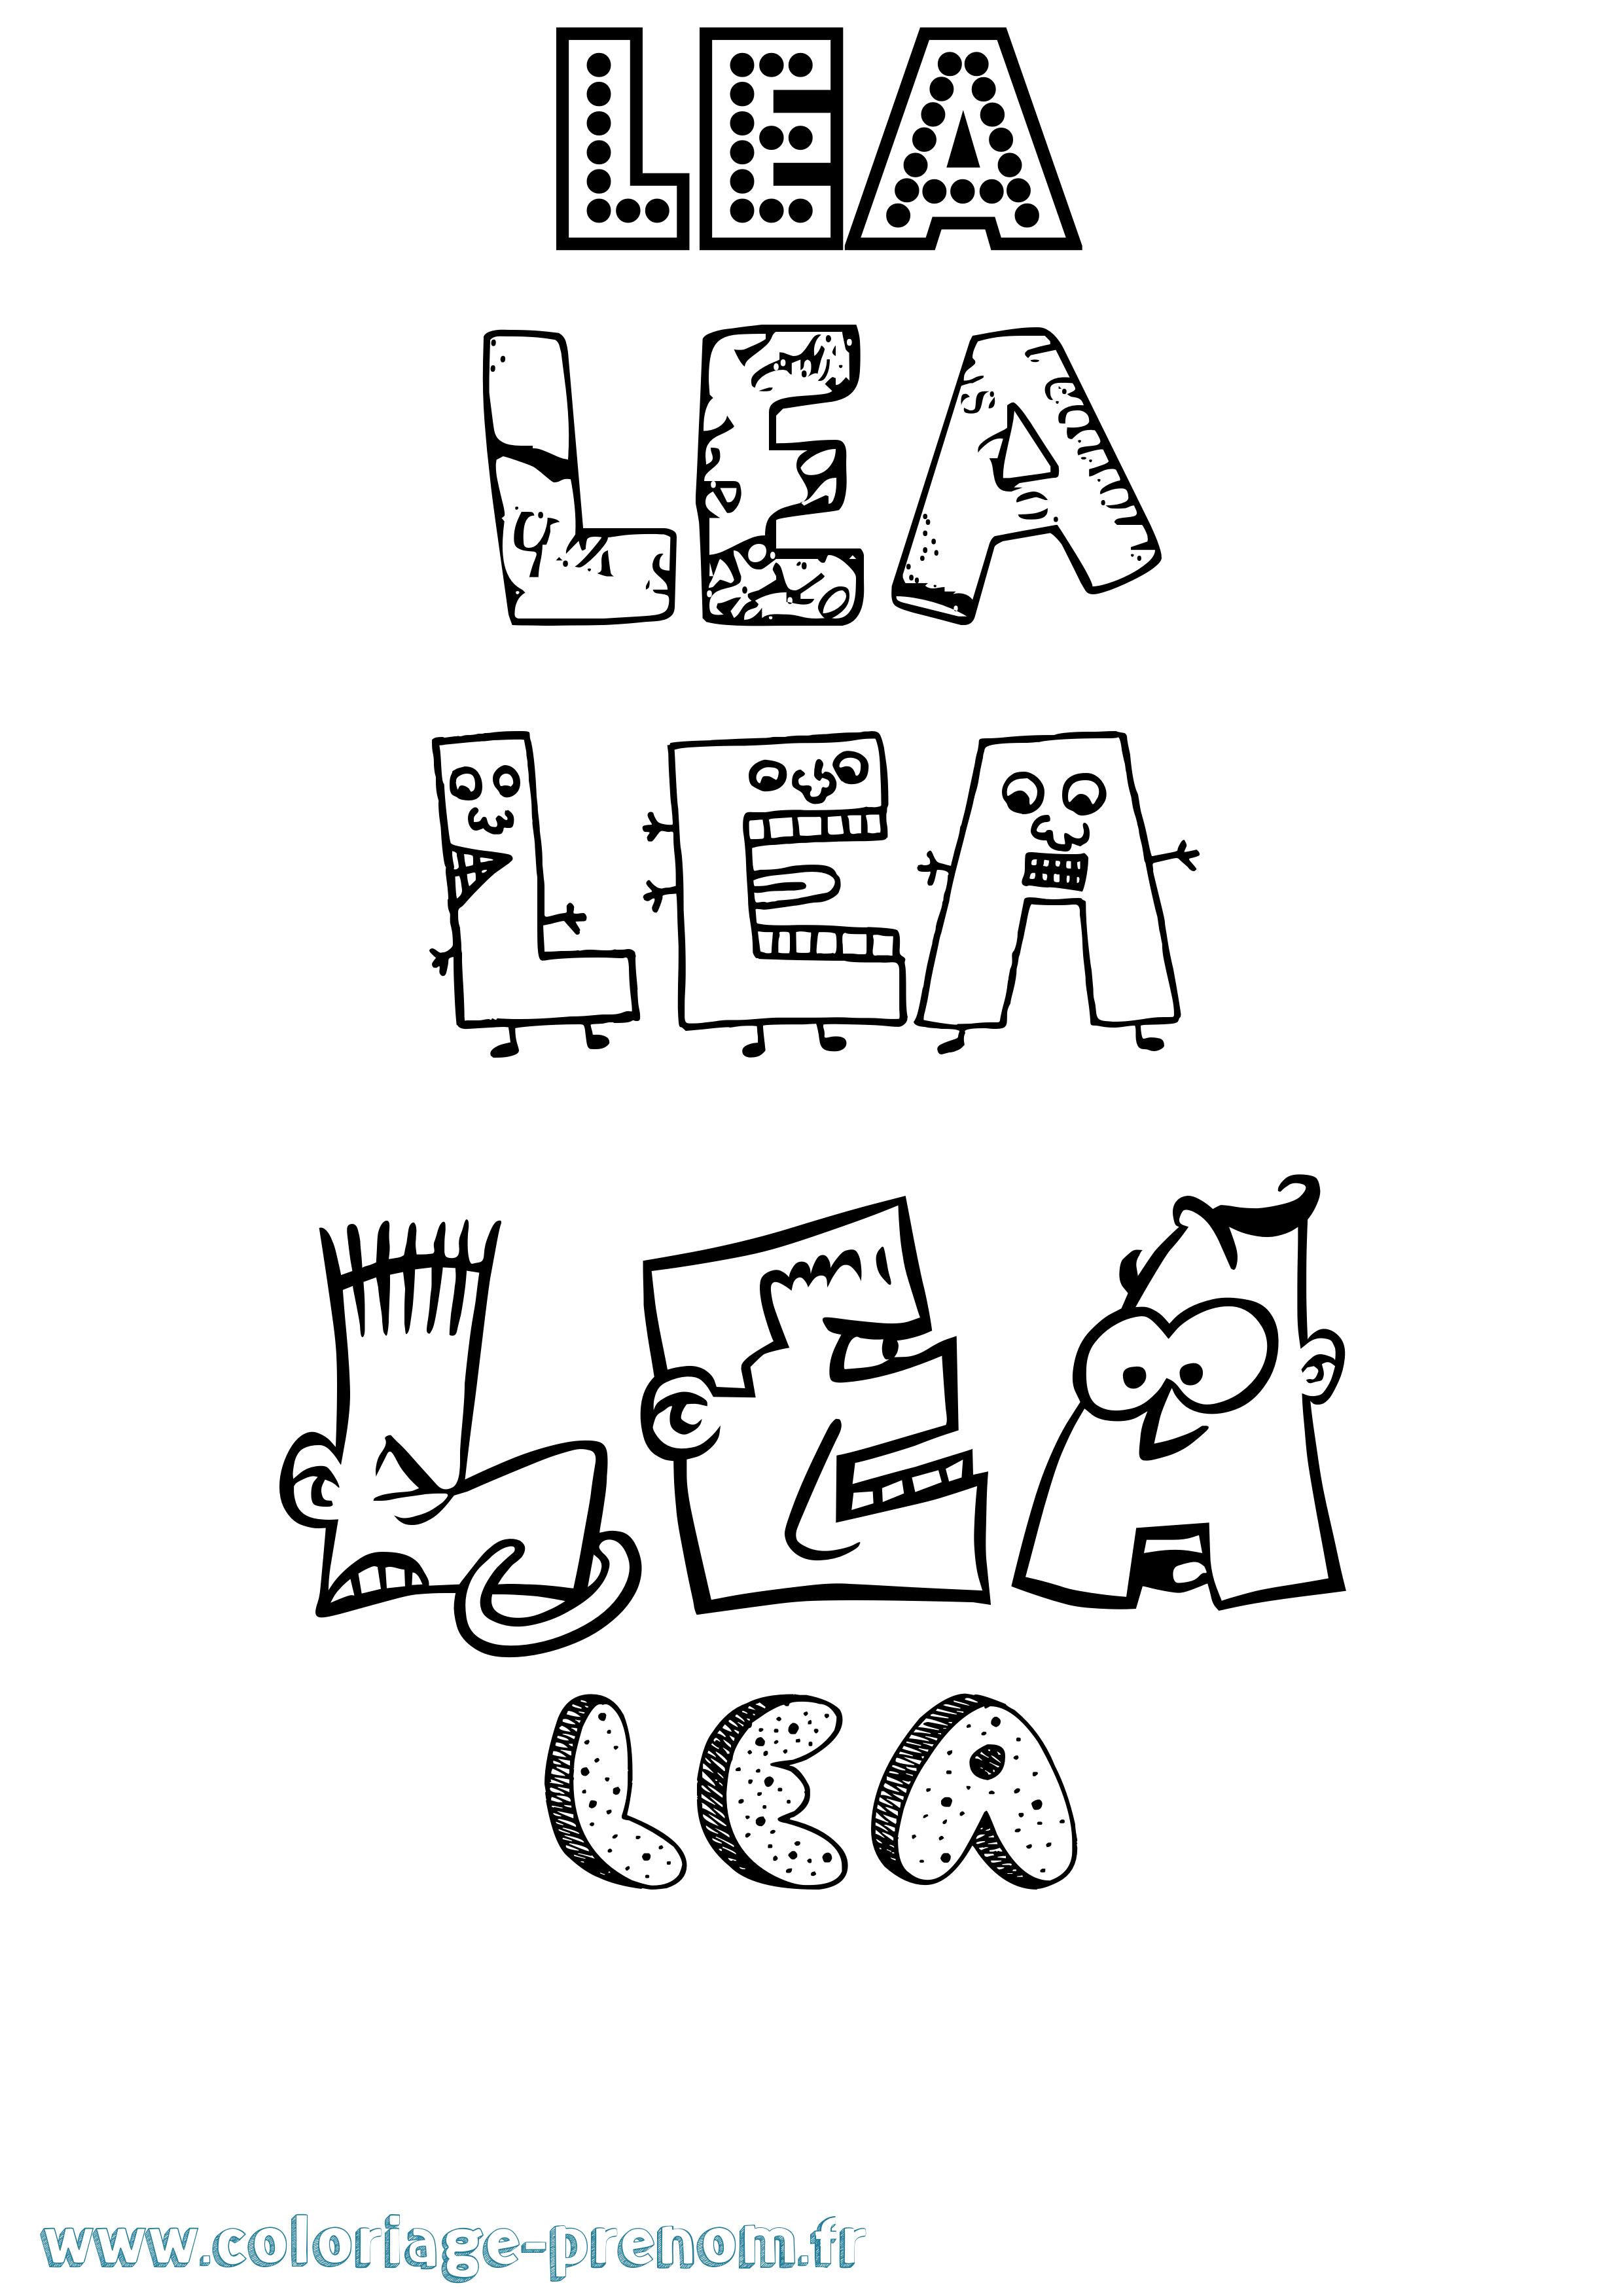 Coloriage du prénom Lea : à Imprimer ou Télécharger facilement